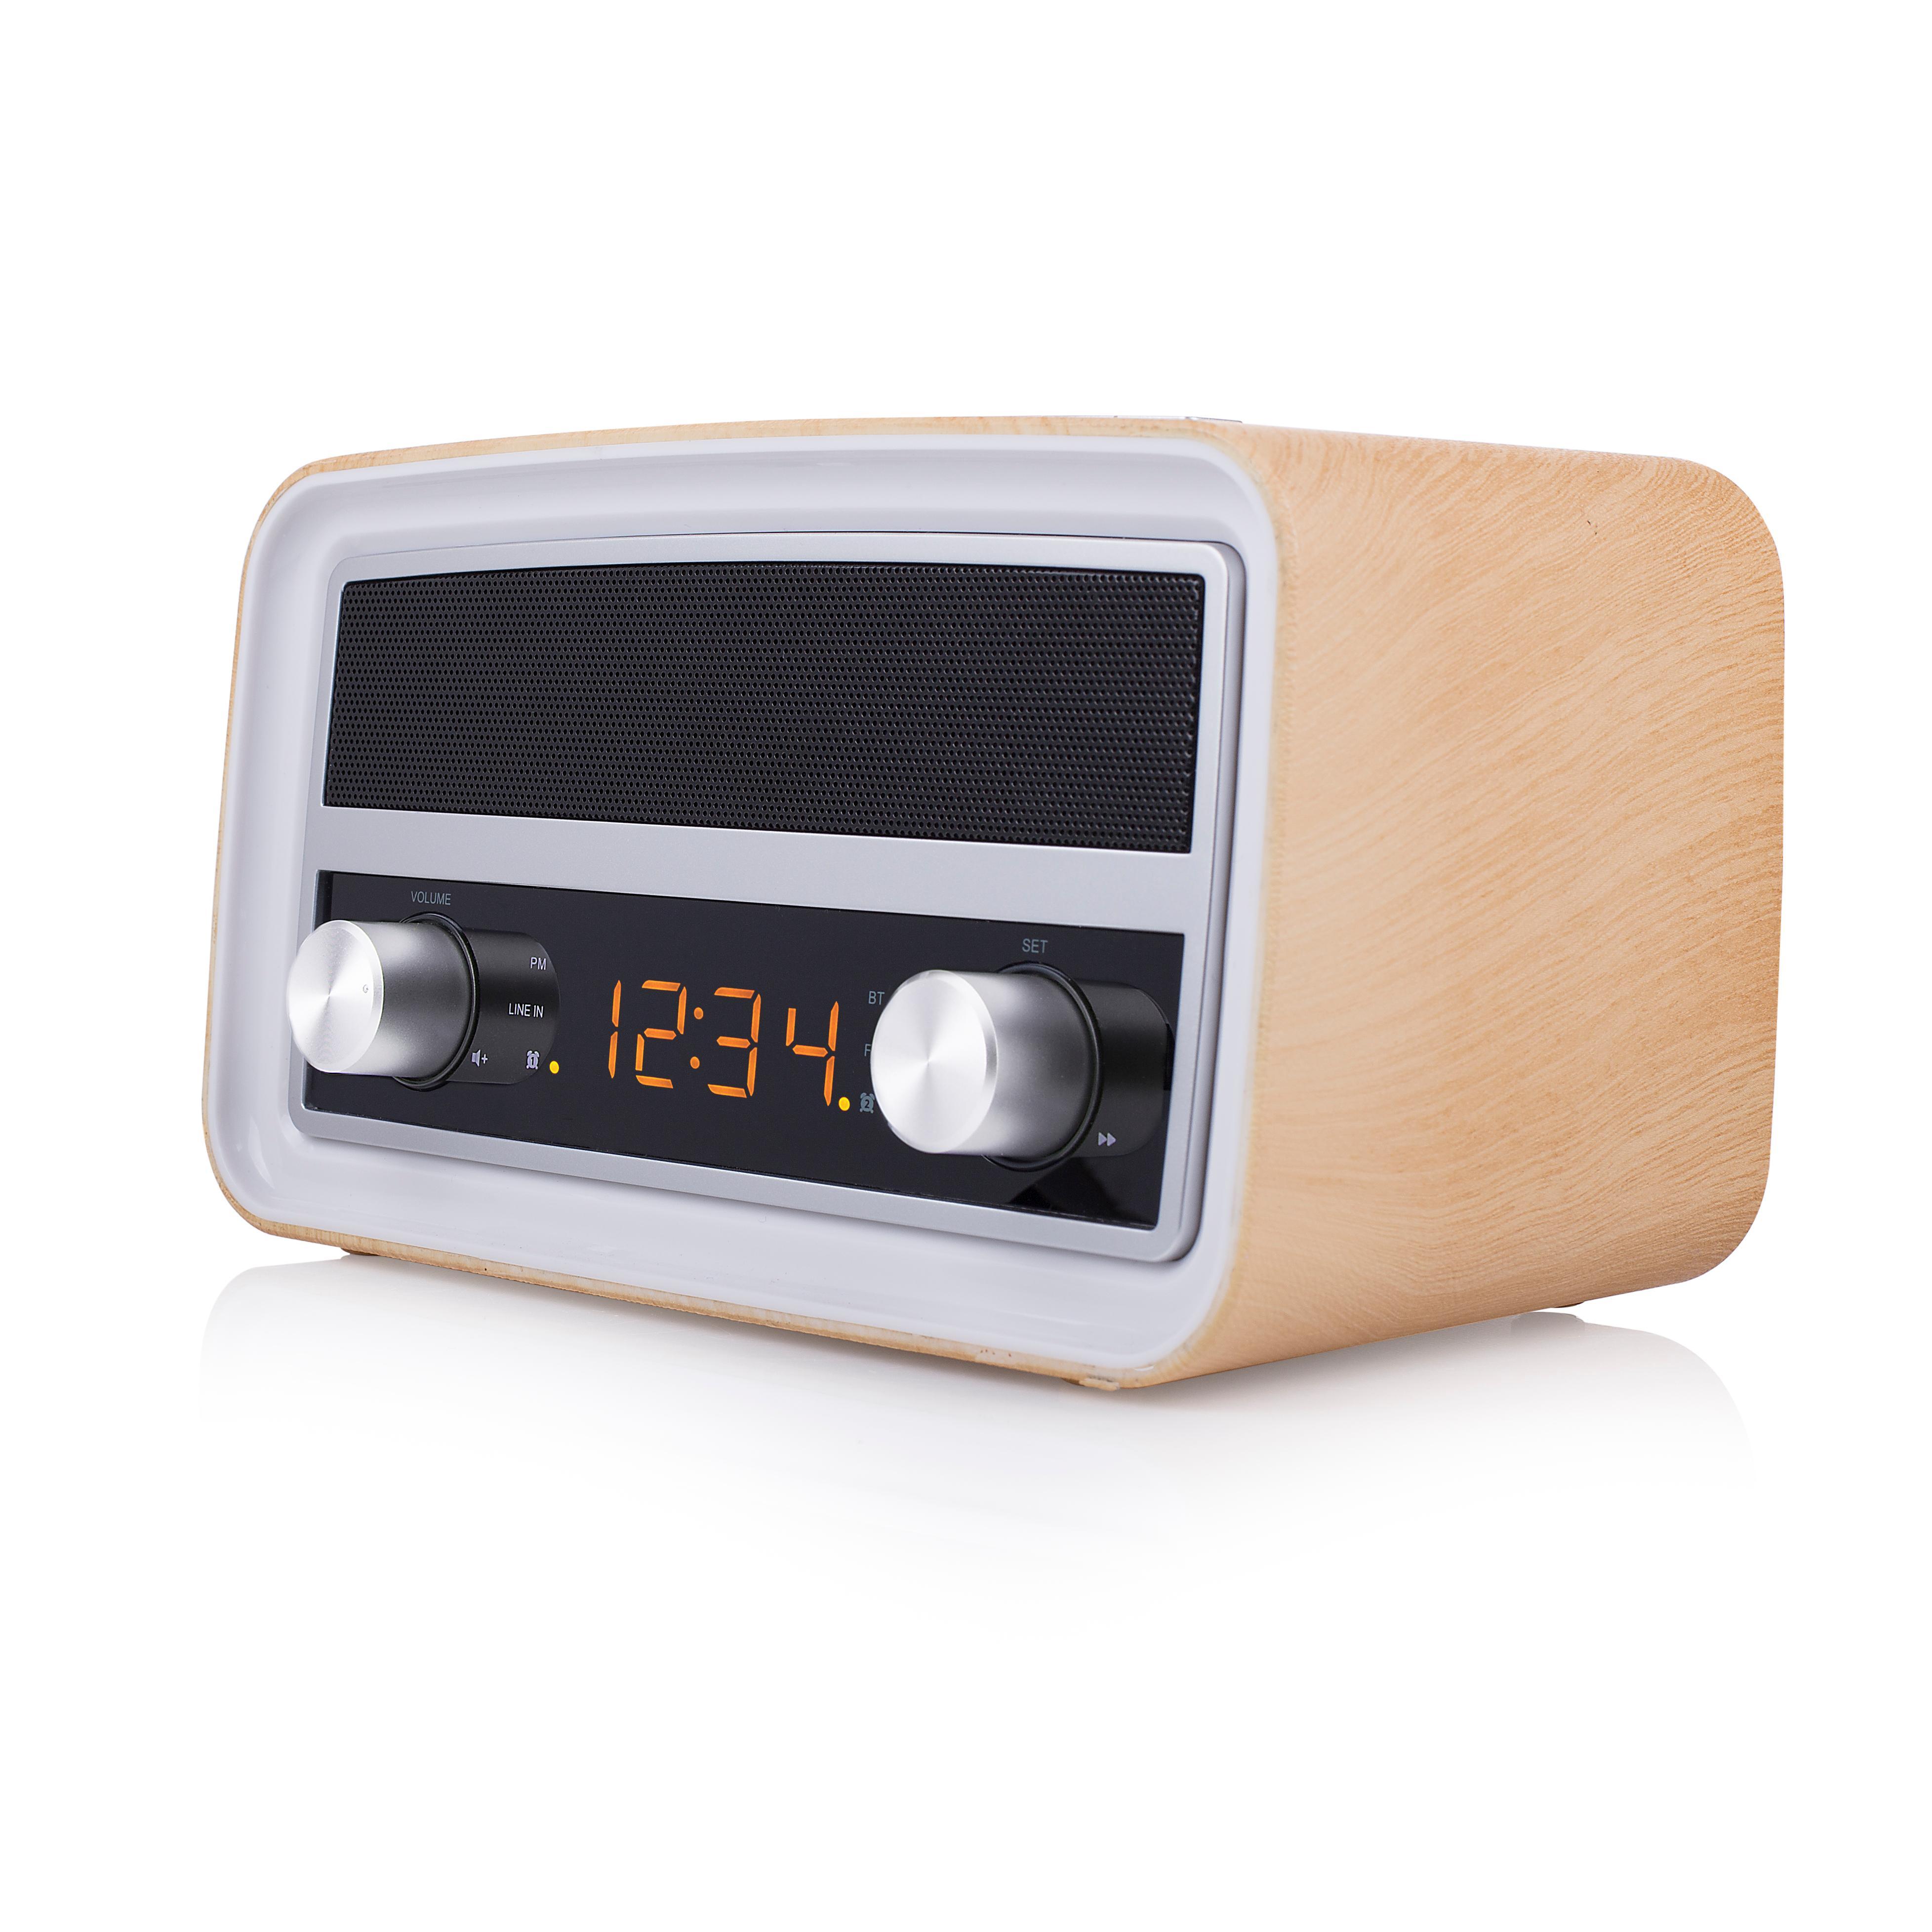 audiosonic retro radio mit uhr und weckerfunktion aux. Black Bedroom Furniture Sets. Home Design Ideas